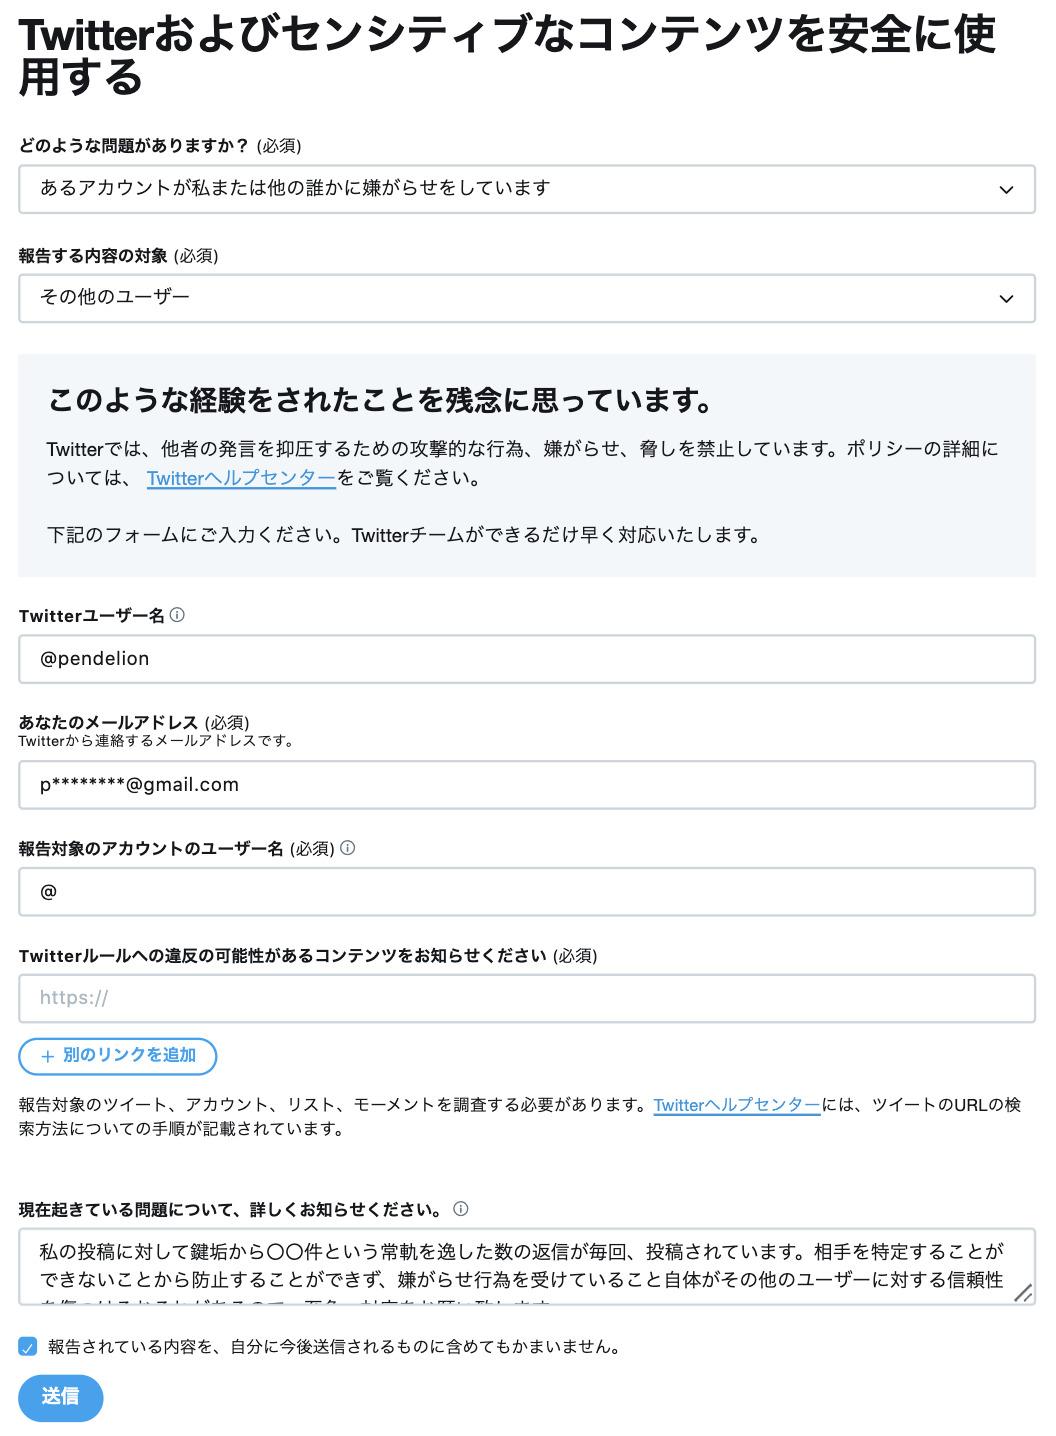 Twitterのサポートチームに鍵垢のリプによる嫌がらせを報告する方法